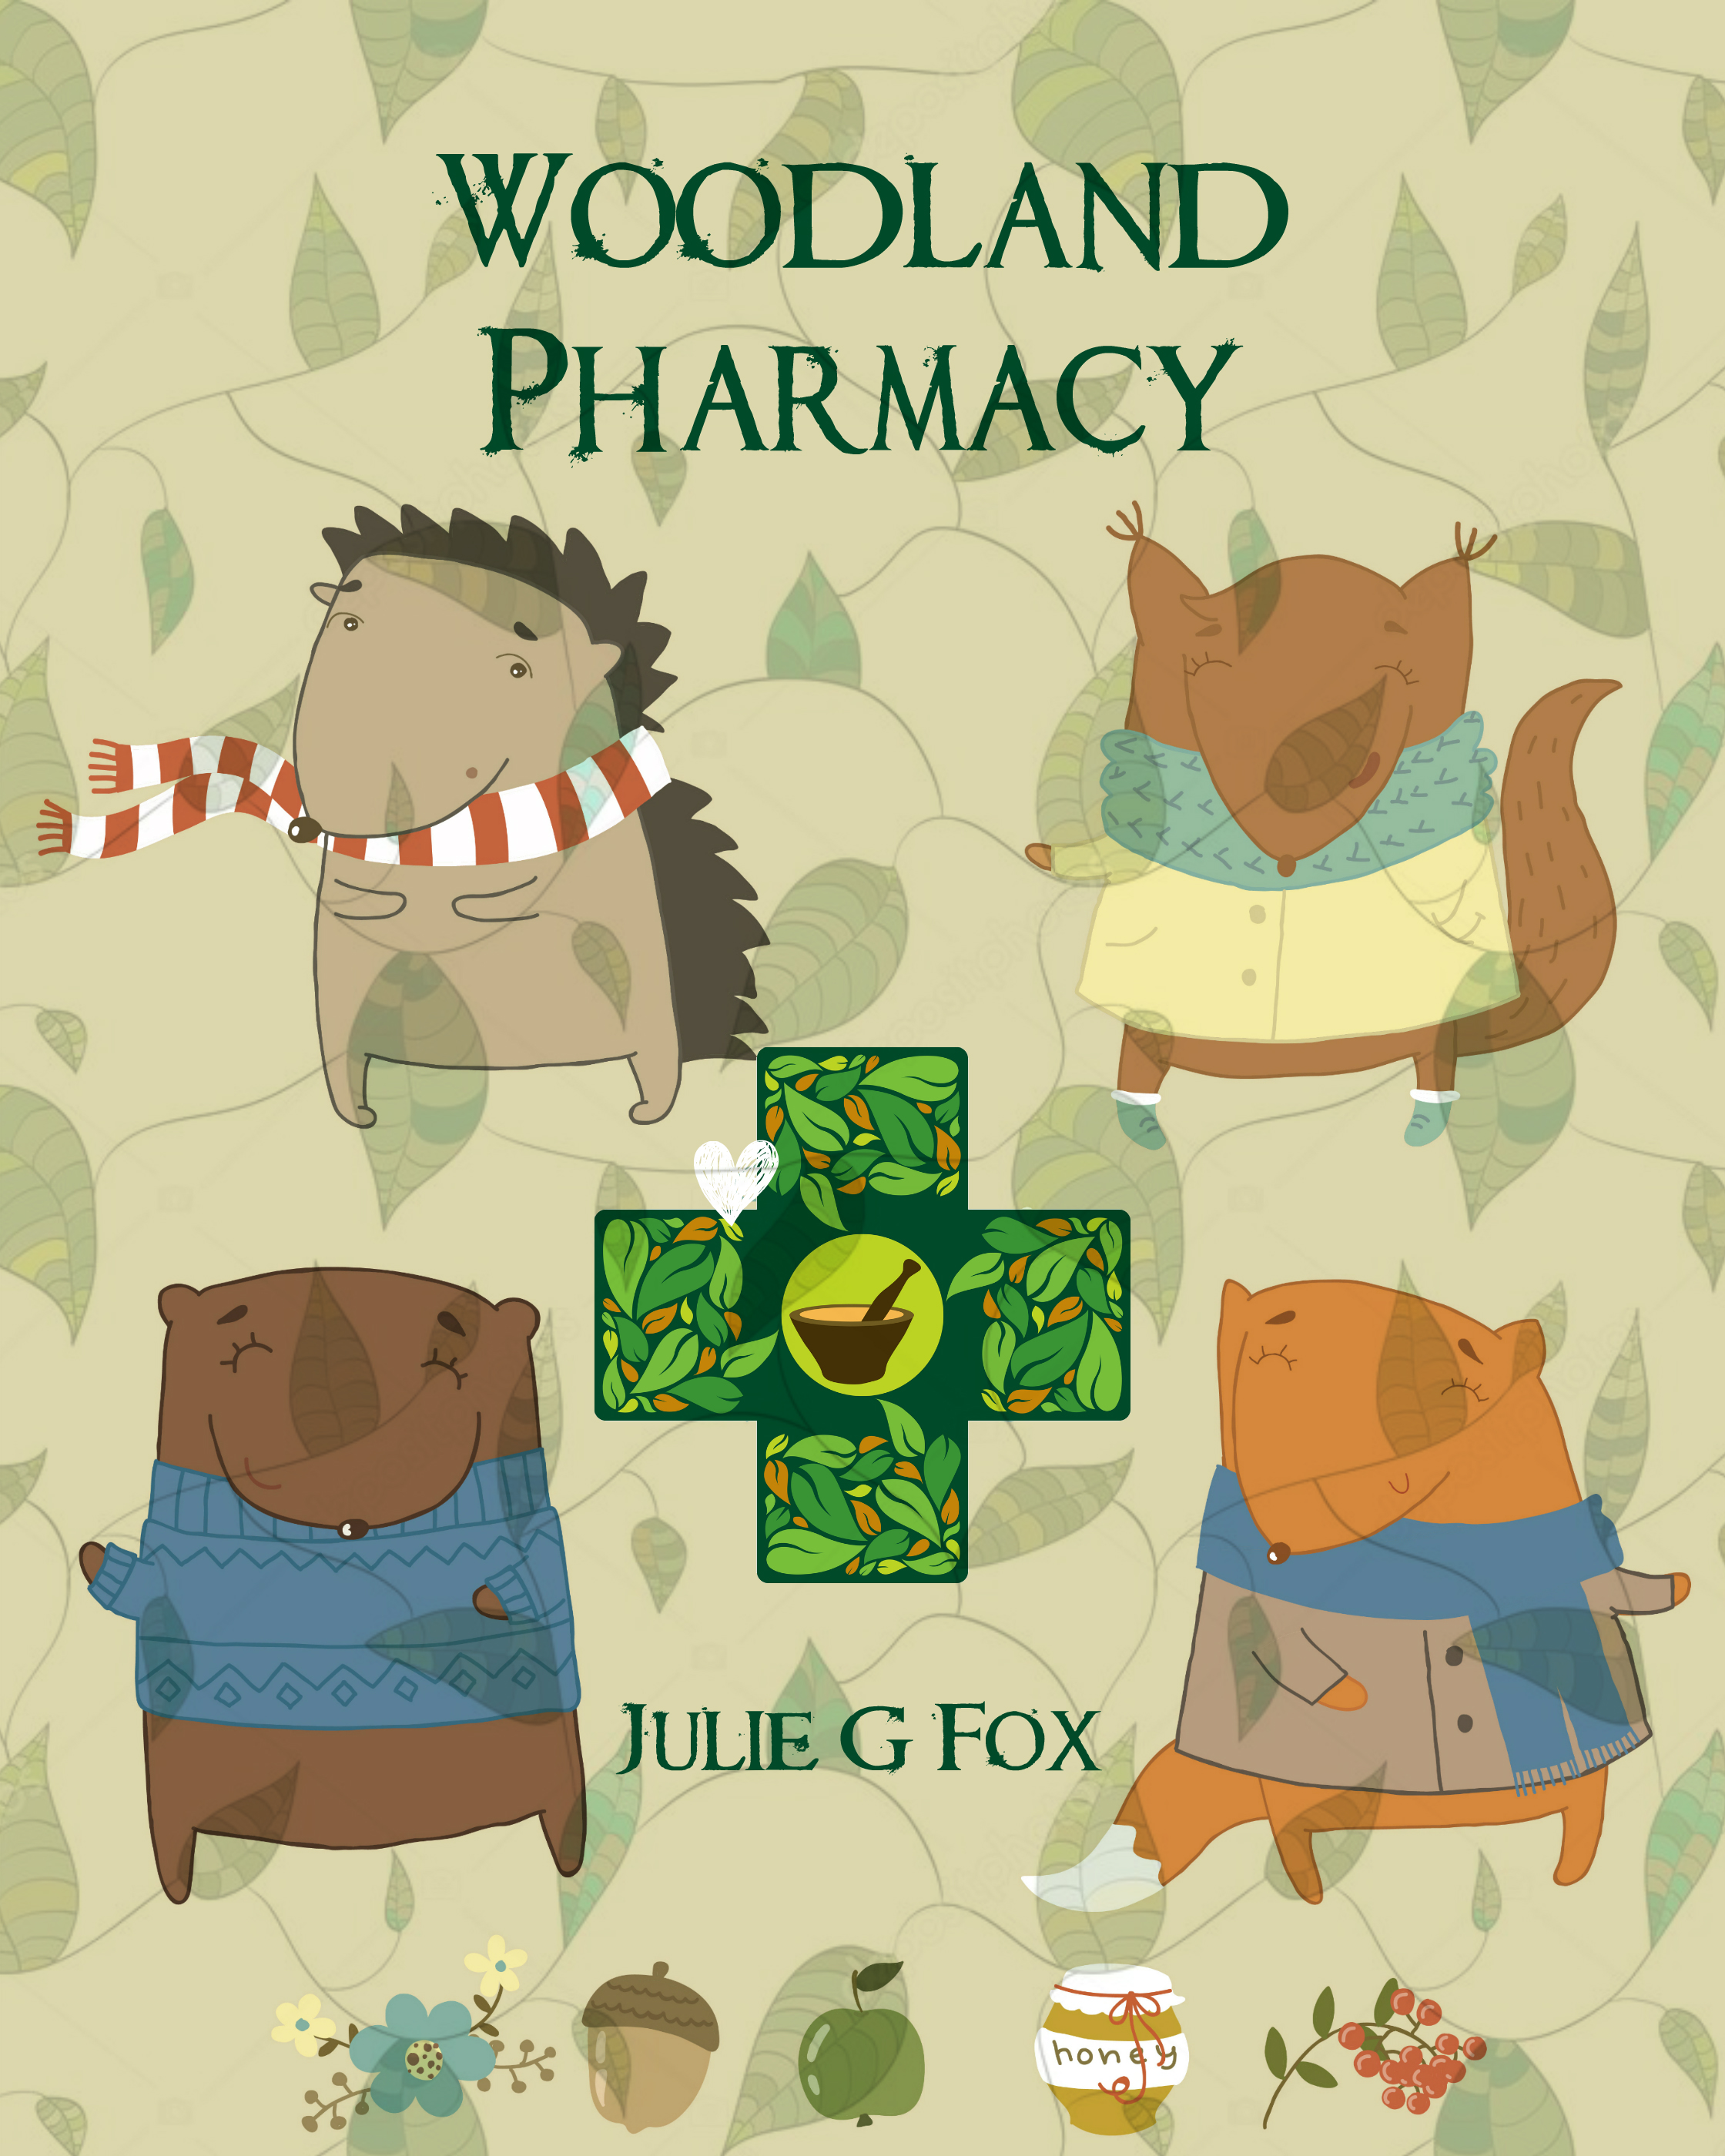 woodlandpharmacysamplecover copy